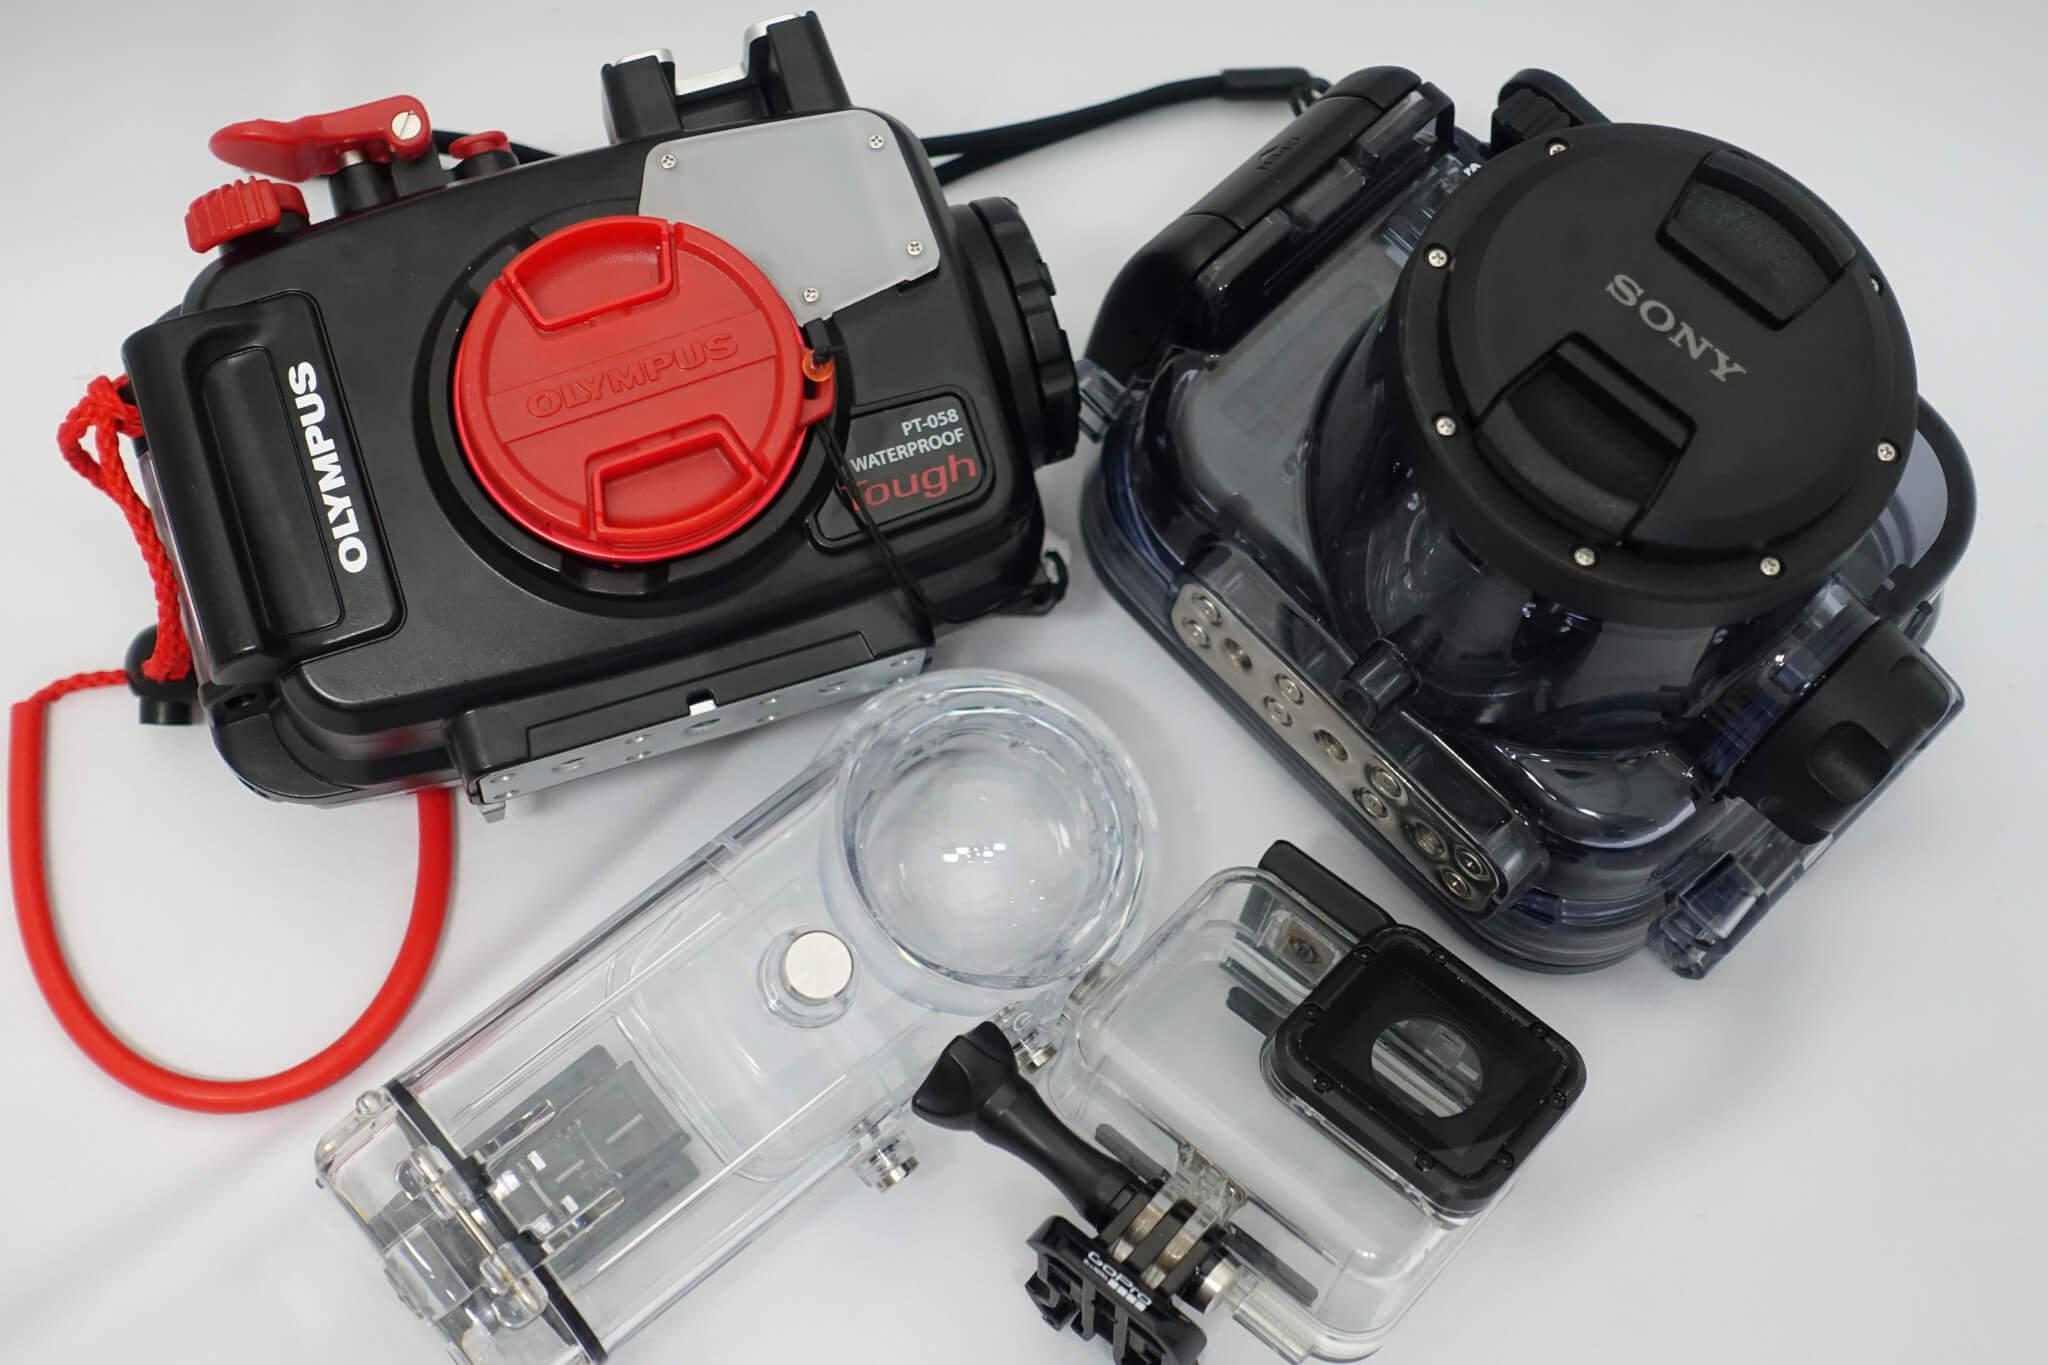 360度カメラからコンデジまで!おすすめ防水ハウジング4機種を徹底レビュー